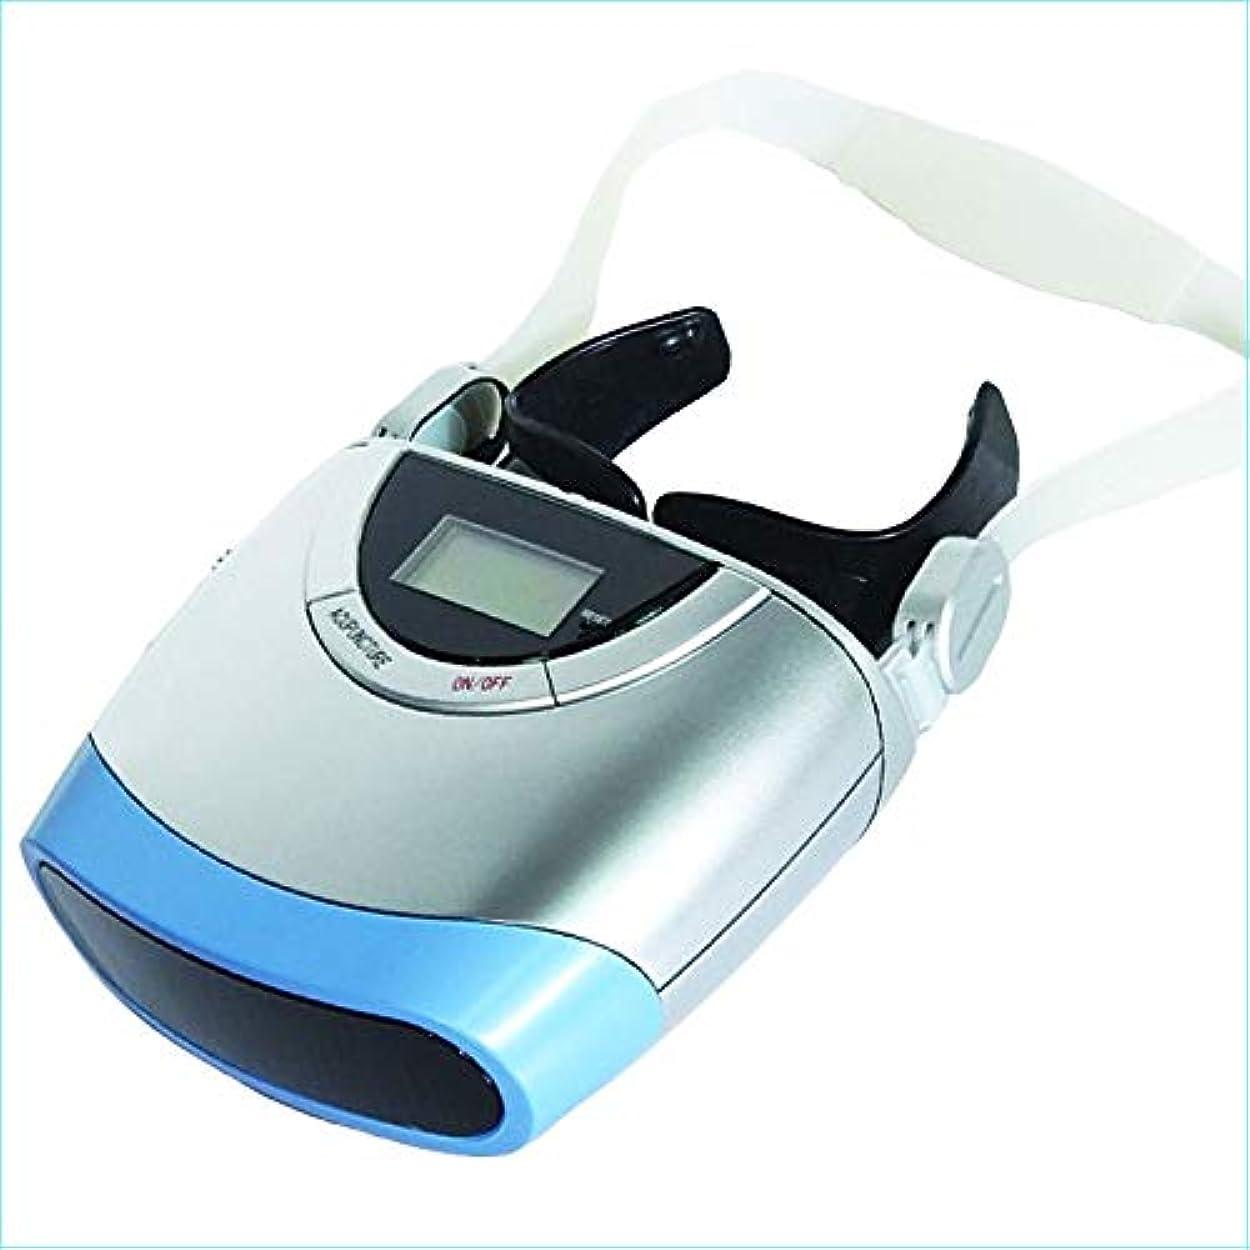 鳥腐敗未知のMeet now 近視用器具治療用3D視力回復装置、鍼レーザーアイマッサージャーII 品質保証